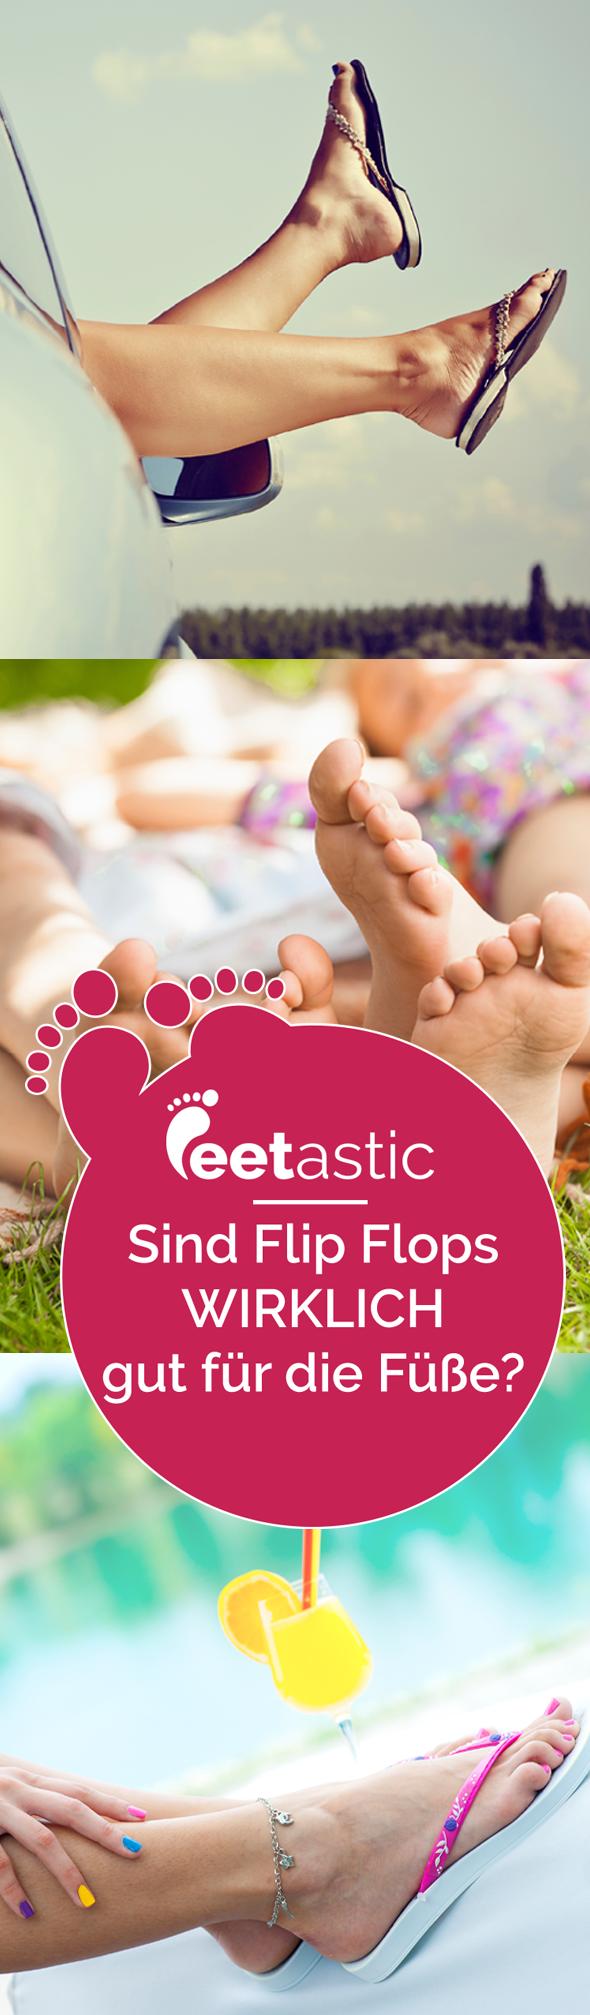 Hier verraten wir euch, ob Flip Flops unsere Gesundheit beeinflussen. Sind bequeme Flip Flops wirklich gesund und gut für unsere Füße?